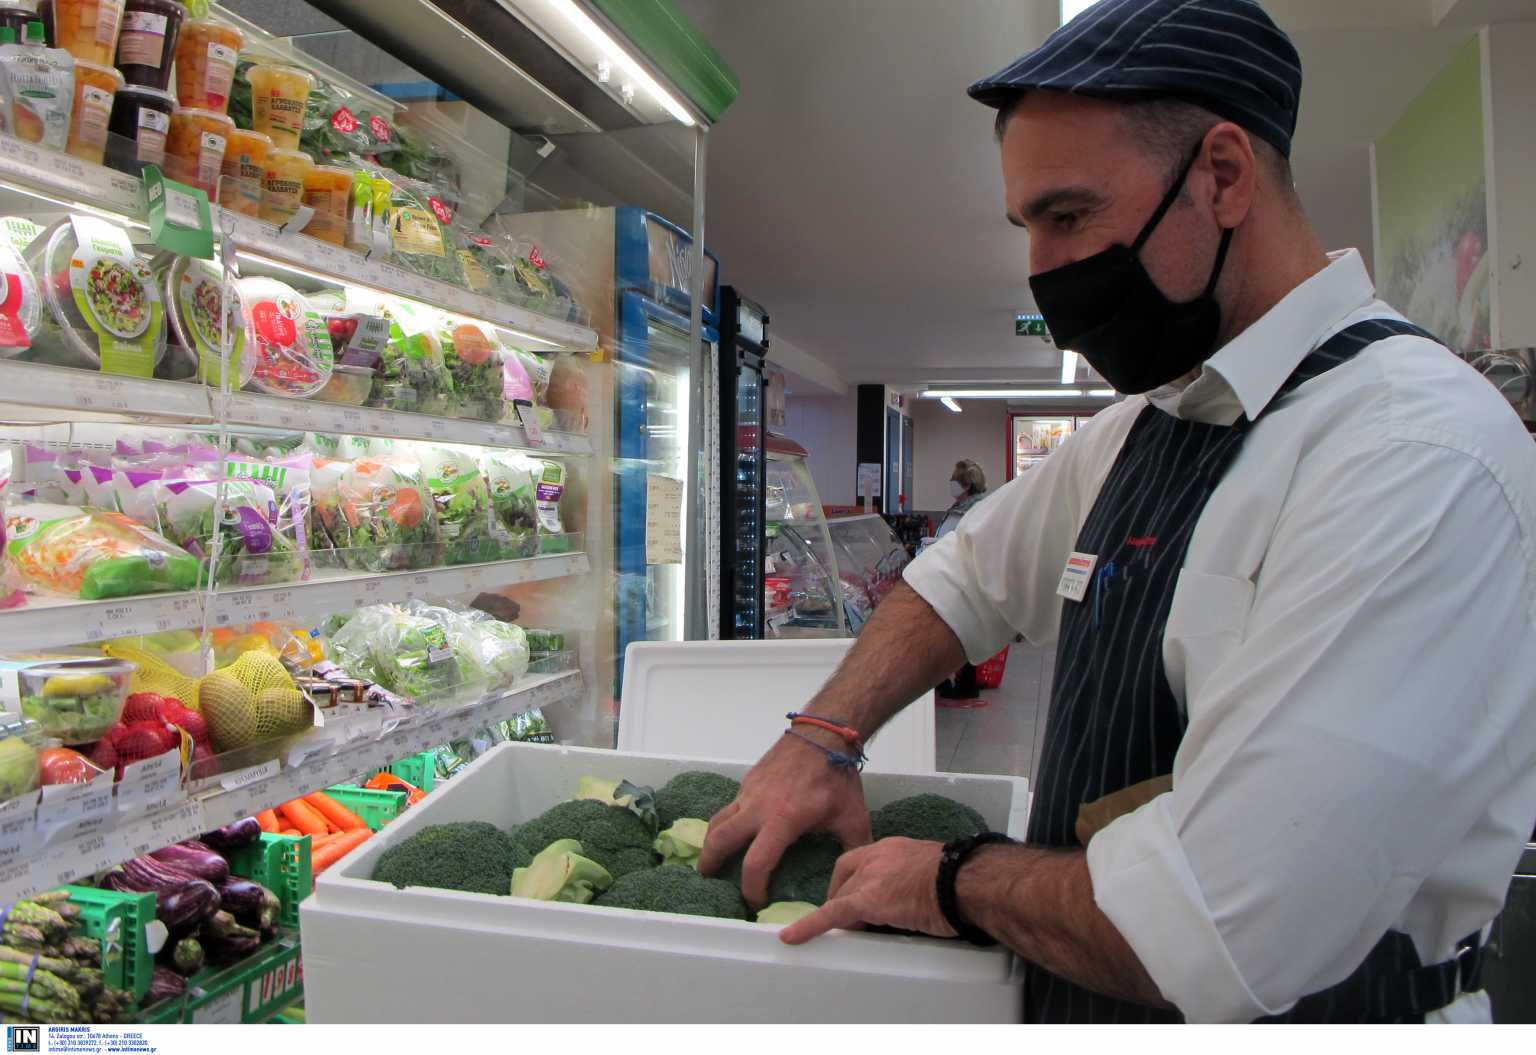 Κορονοϊός: Υποχρεωτικά self tests σε λιανεμπόριο, σούπερ μάρκετ, κομμωτήρια, μεταφορές, εστίαση, πρακτορεία ΟΠΑΠ (video)